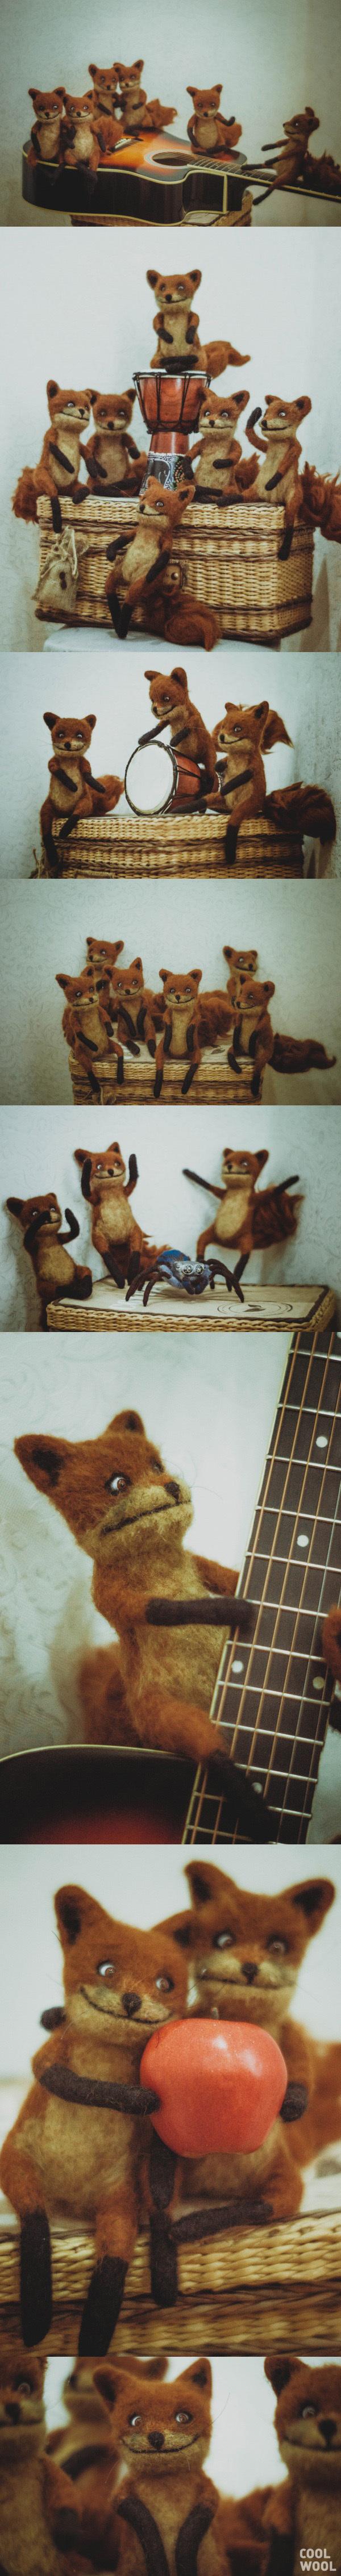 Мои упоротые лисички из шерсти Ручная работа, Упоротый лис, Шерсть, Сухое валяние, Длиннопост